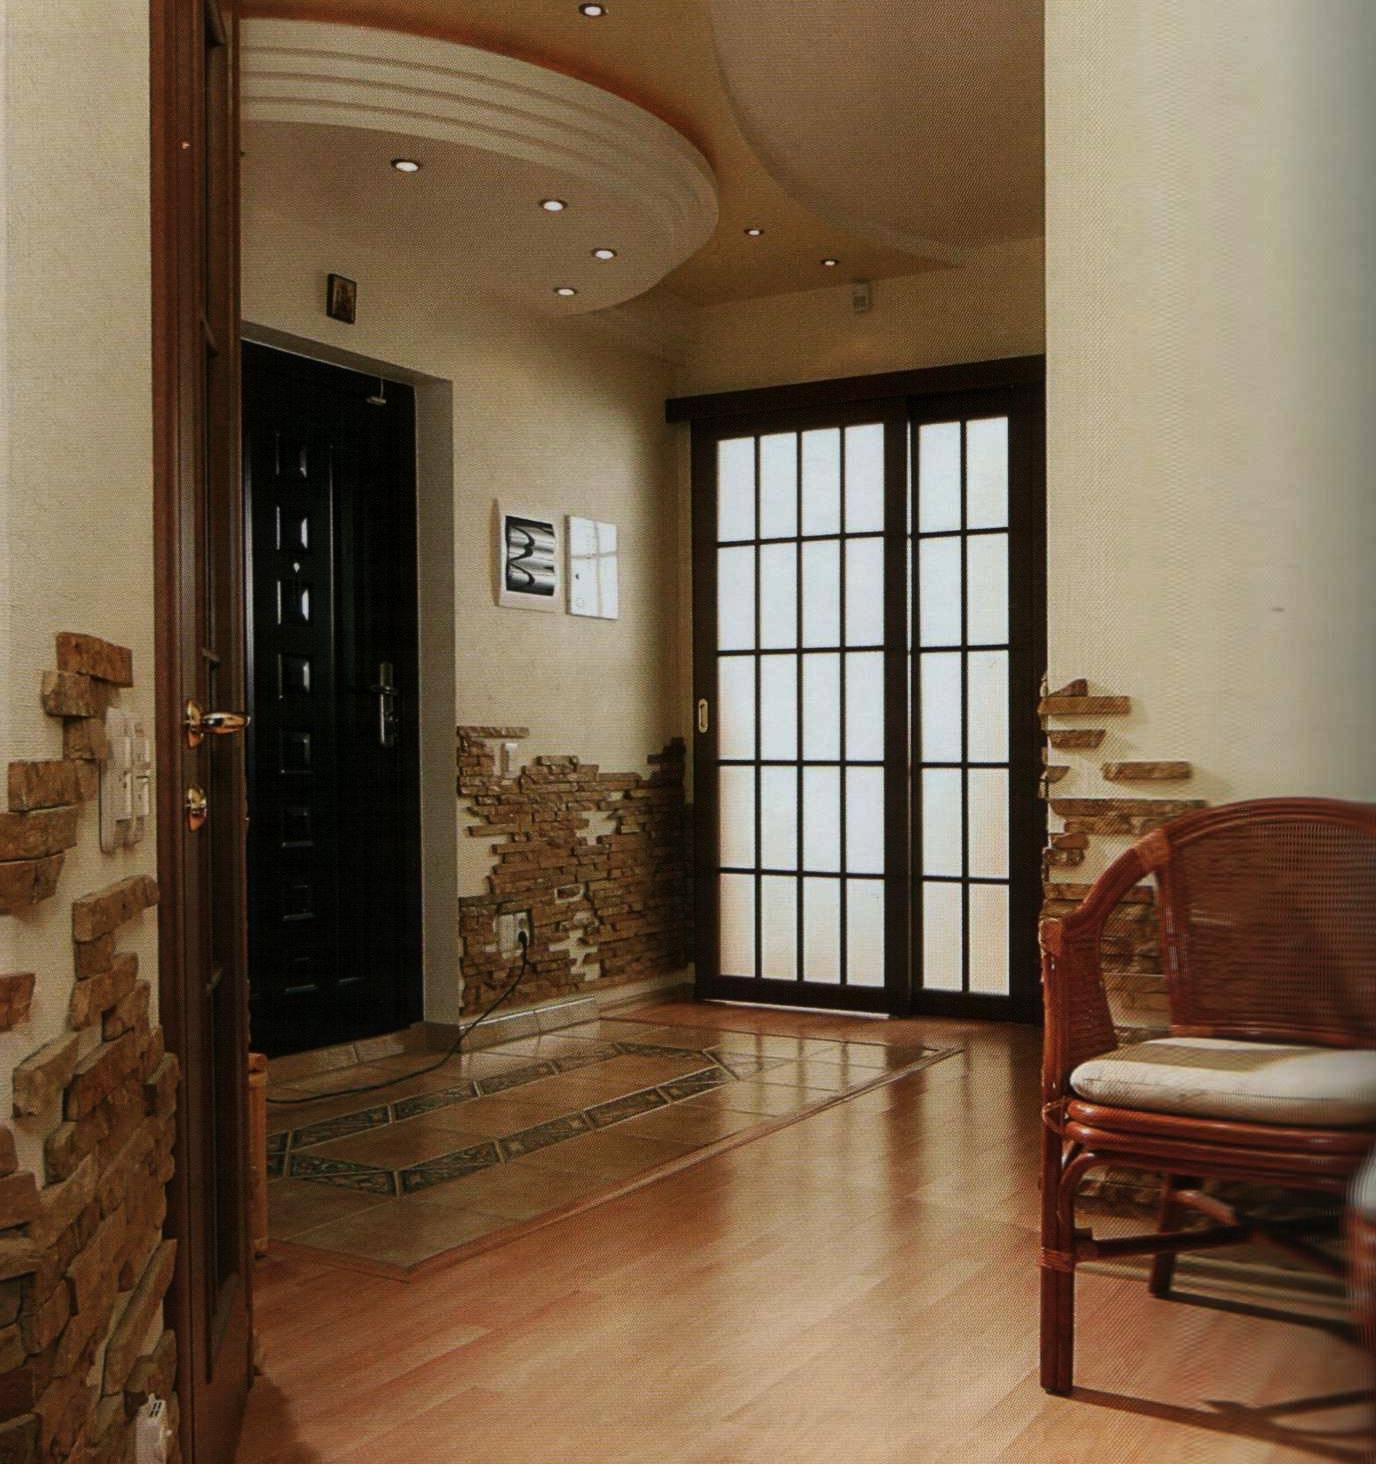 Декоративная отделка стен - применение внутренней штукатурки в дизайне интерьера (115 фото и видео)